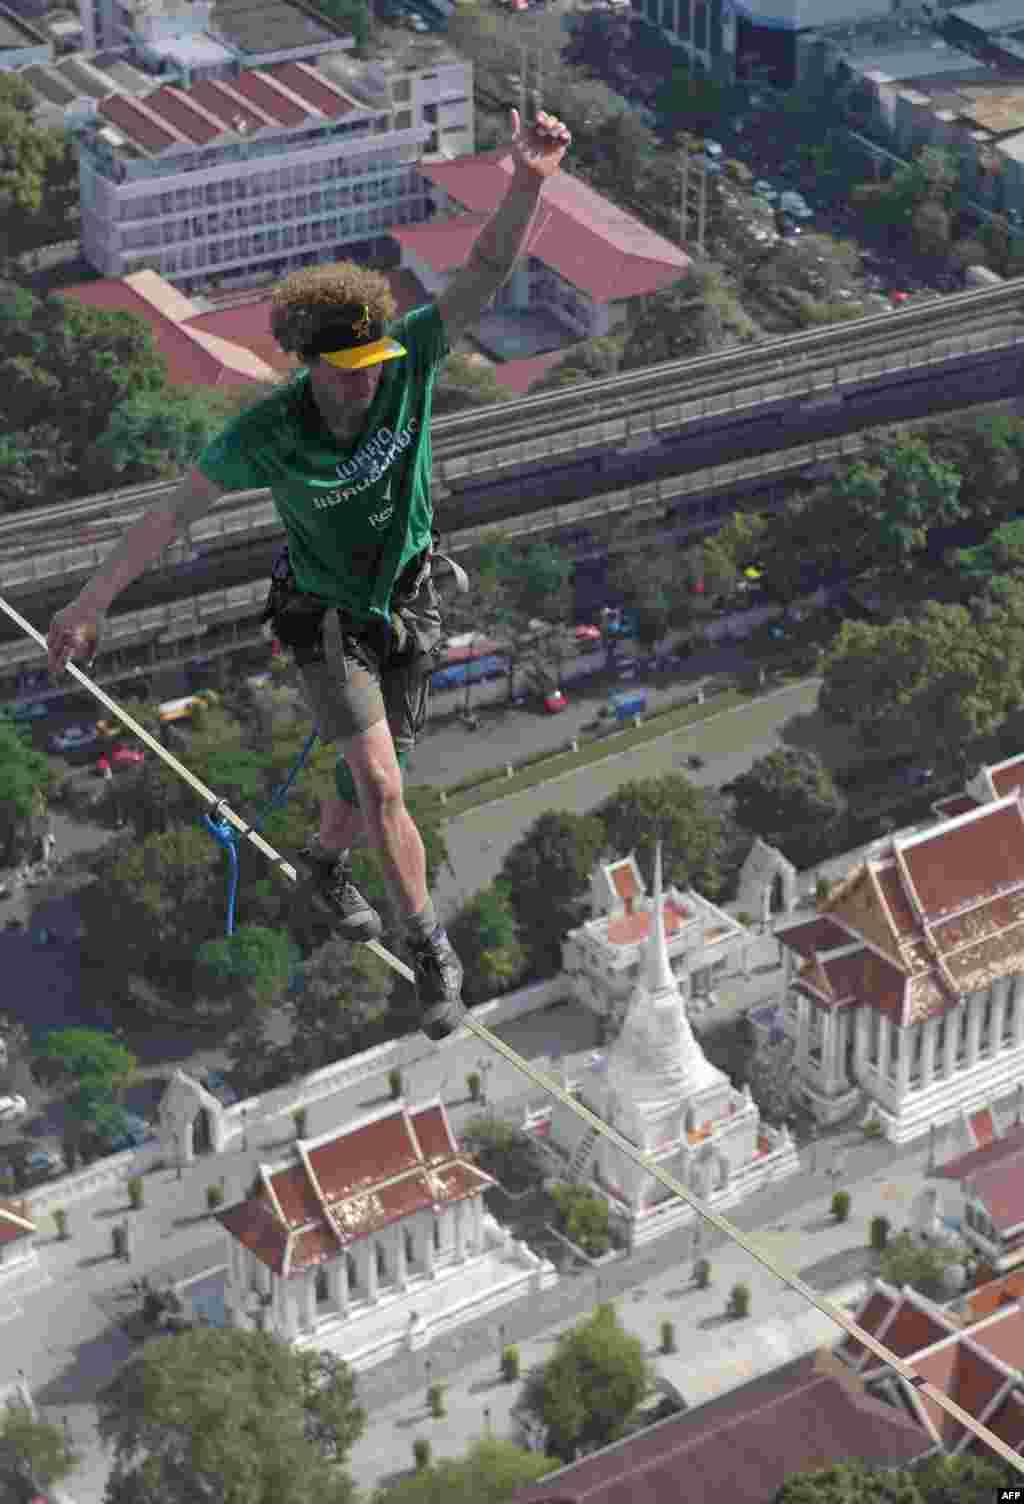 미국의 유명 줄타기 곡예사 앤디 루이스가 태국 방콕의 고층빌딩을 이은 줄 위를 타고 있다.